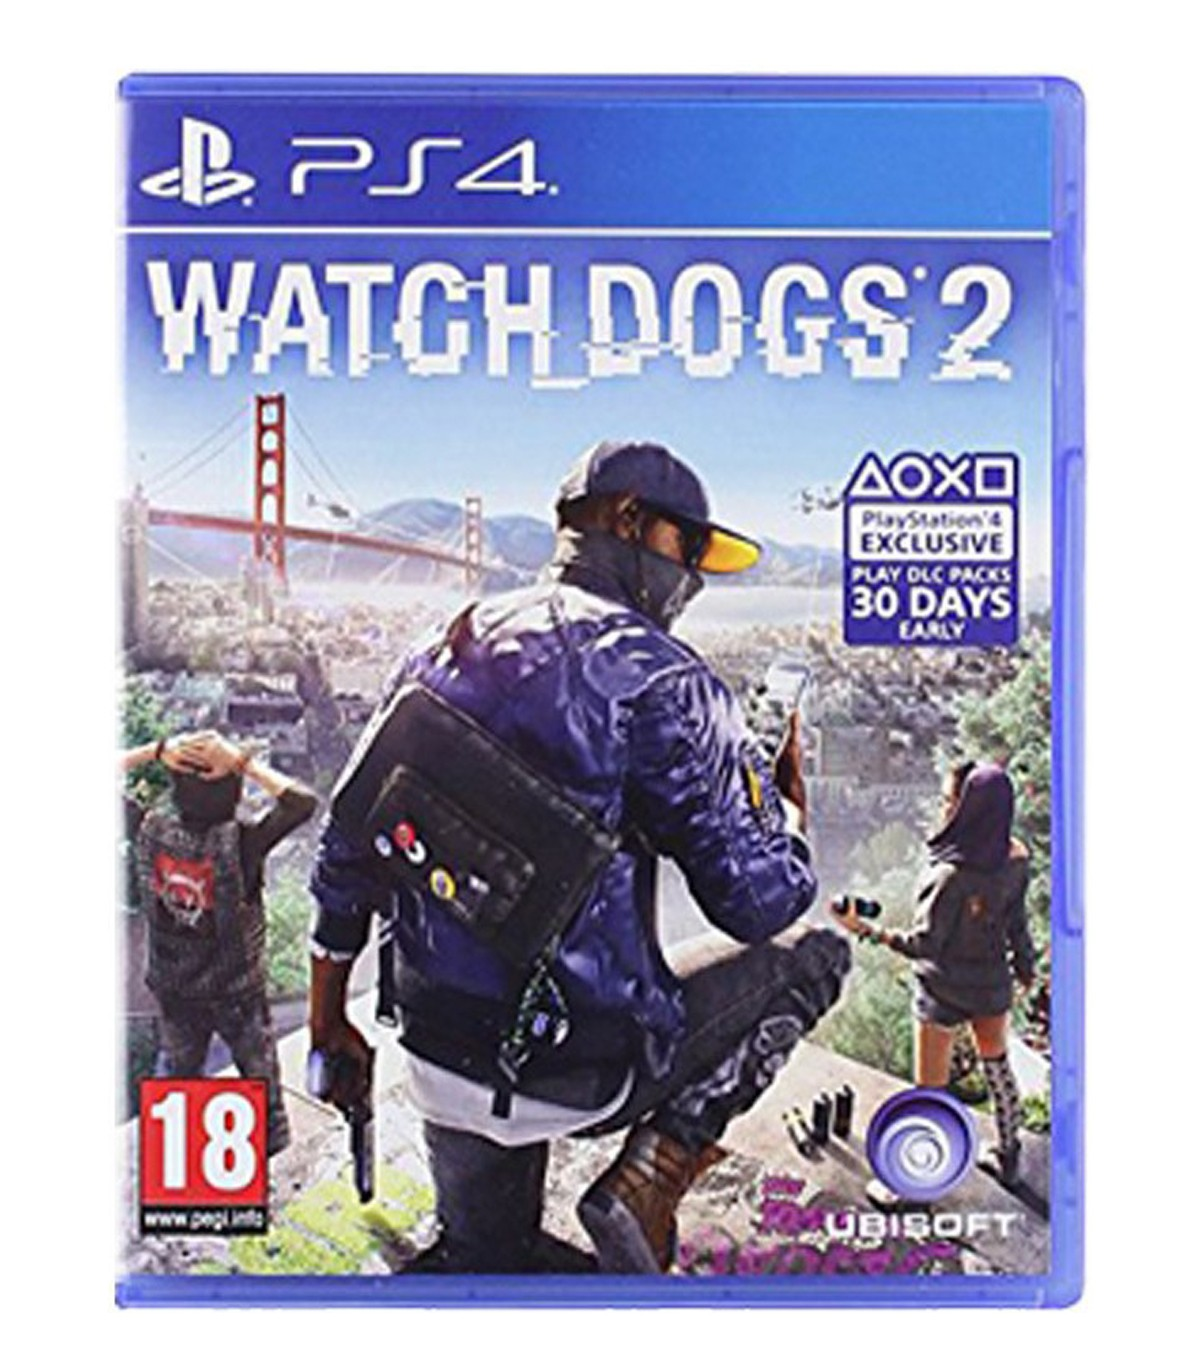 بازی Watch Dogs 2 کارکرده - پلی استیشن 4